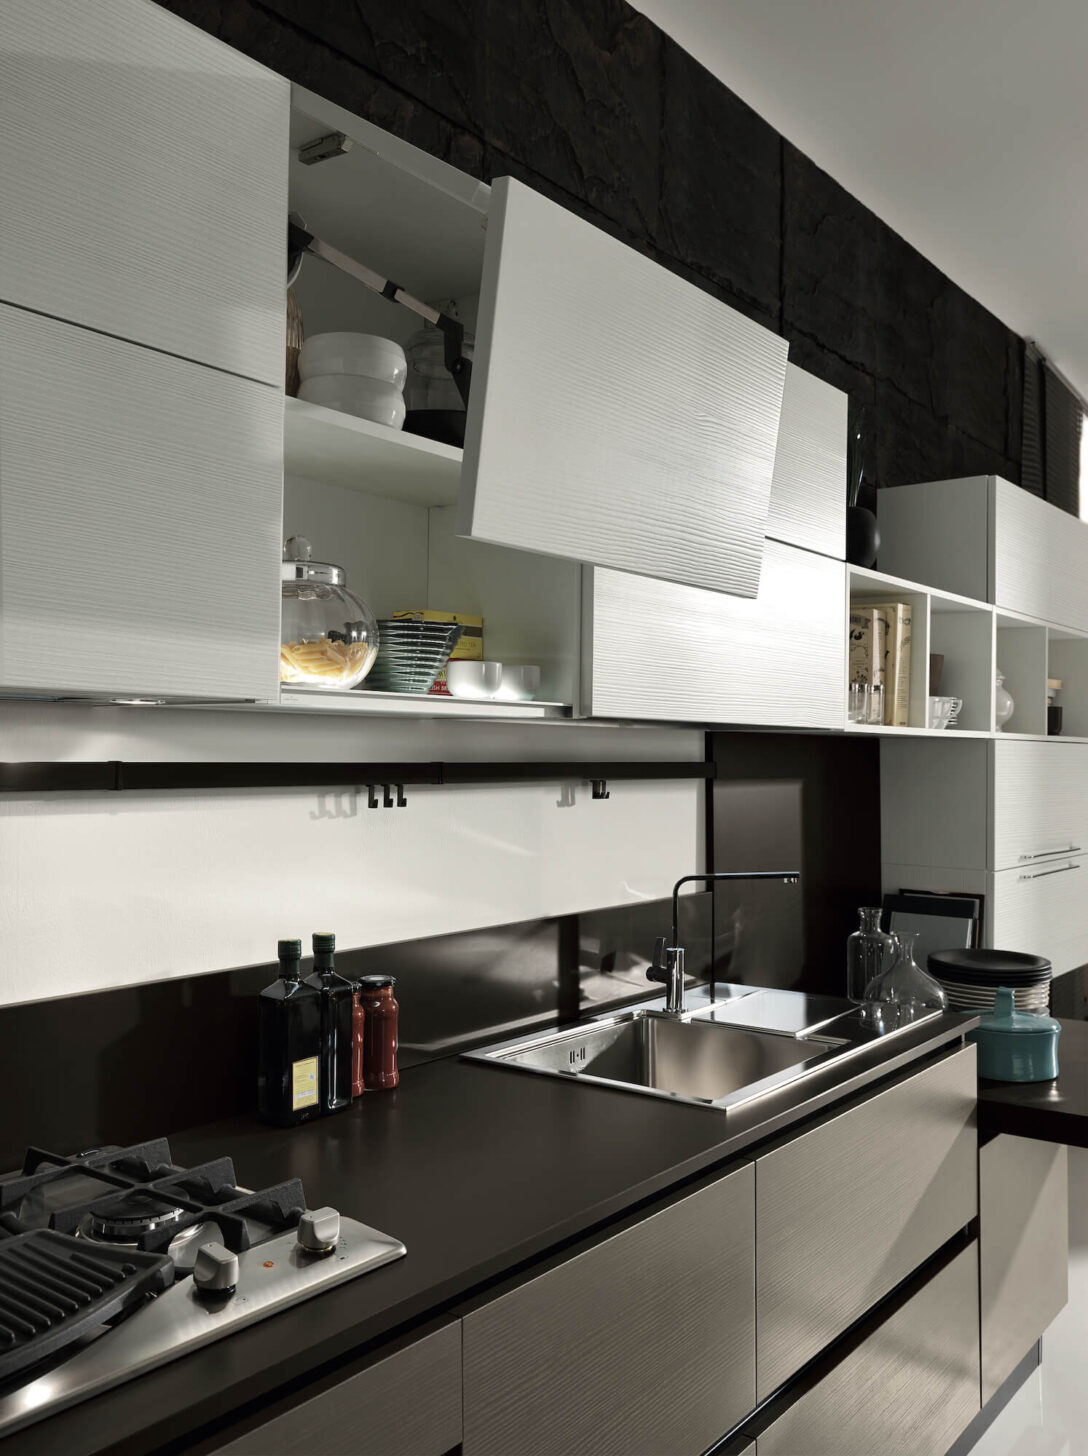 Large Size of Küchenrückwand Laminat Kchenrckwand Alle Infos Für Küche Bad In Der Badezimmer Im Fürs Wohnzimmer Küchenrückwand Laminat